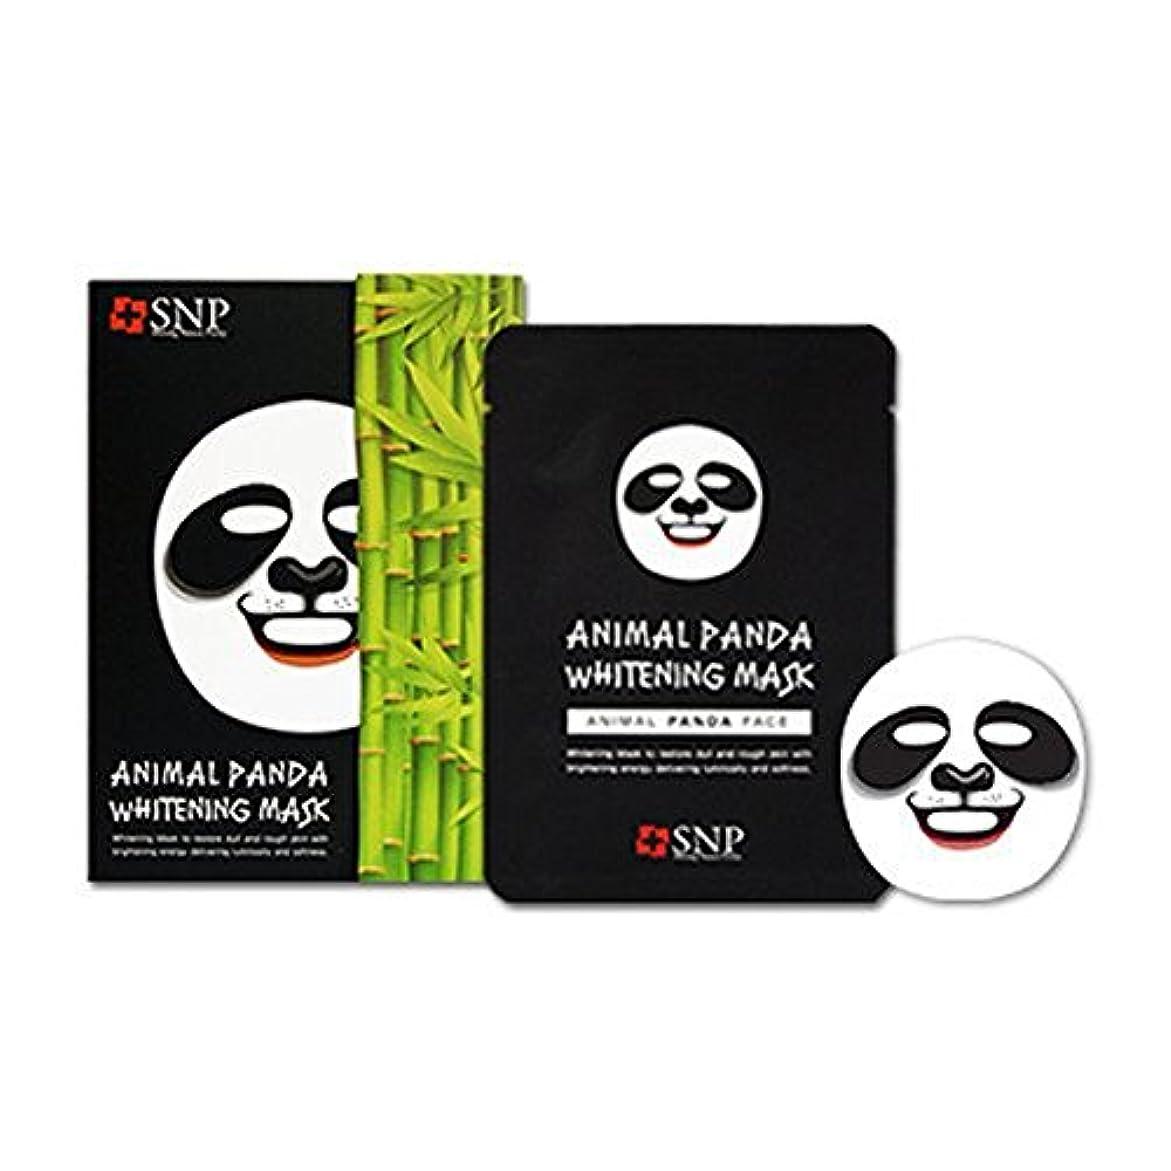 テープ青写真システムSNP エスエンピ 動物マスクシート 10枚入り1box (Animal Mask 10 sheet) 海外直送品 (パンダ Panda)